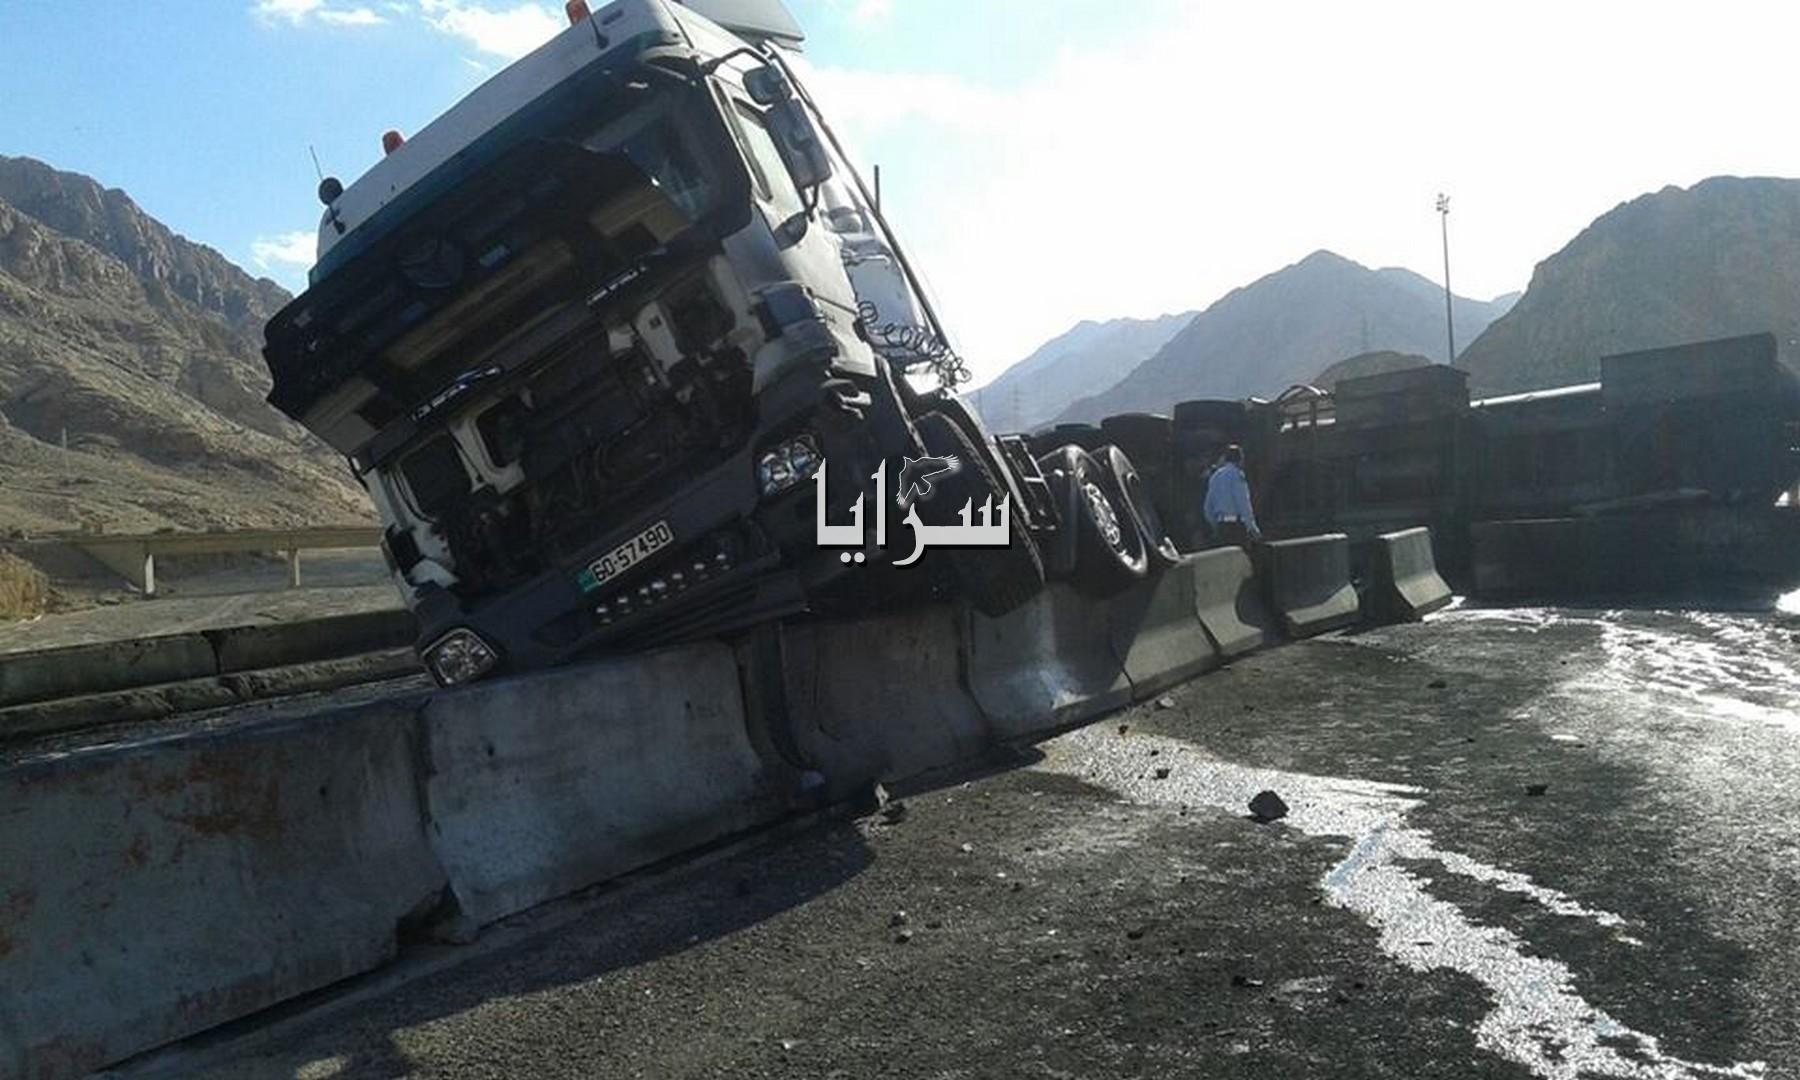 بالصور .. العقبة : انقلاب صهريج محمل بالوقود و اصابة سائقه